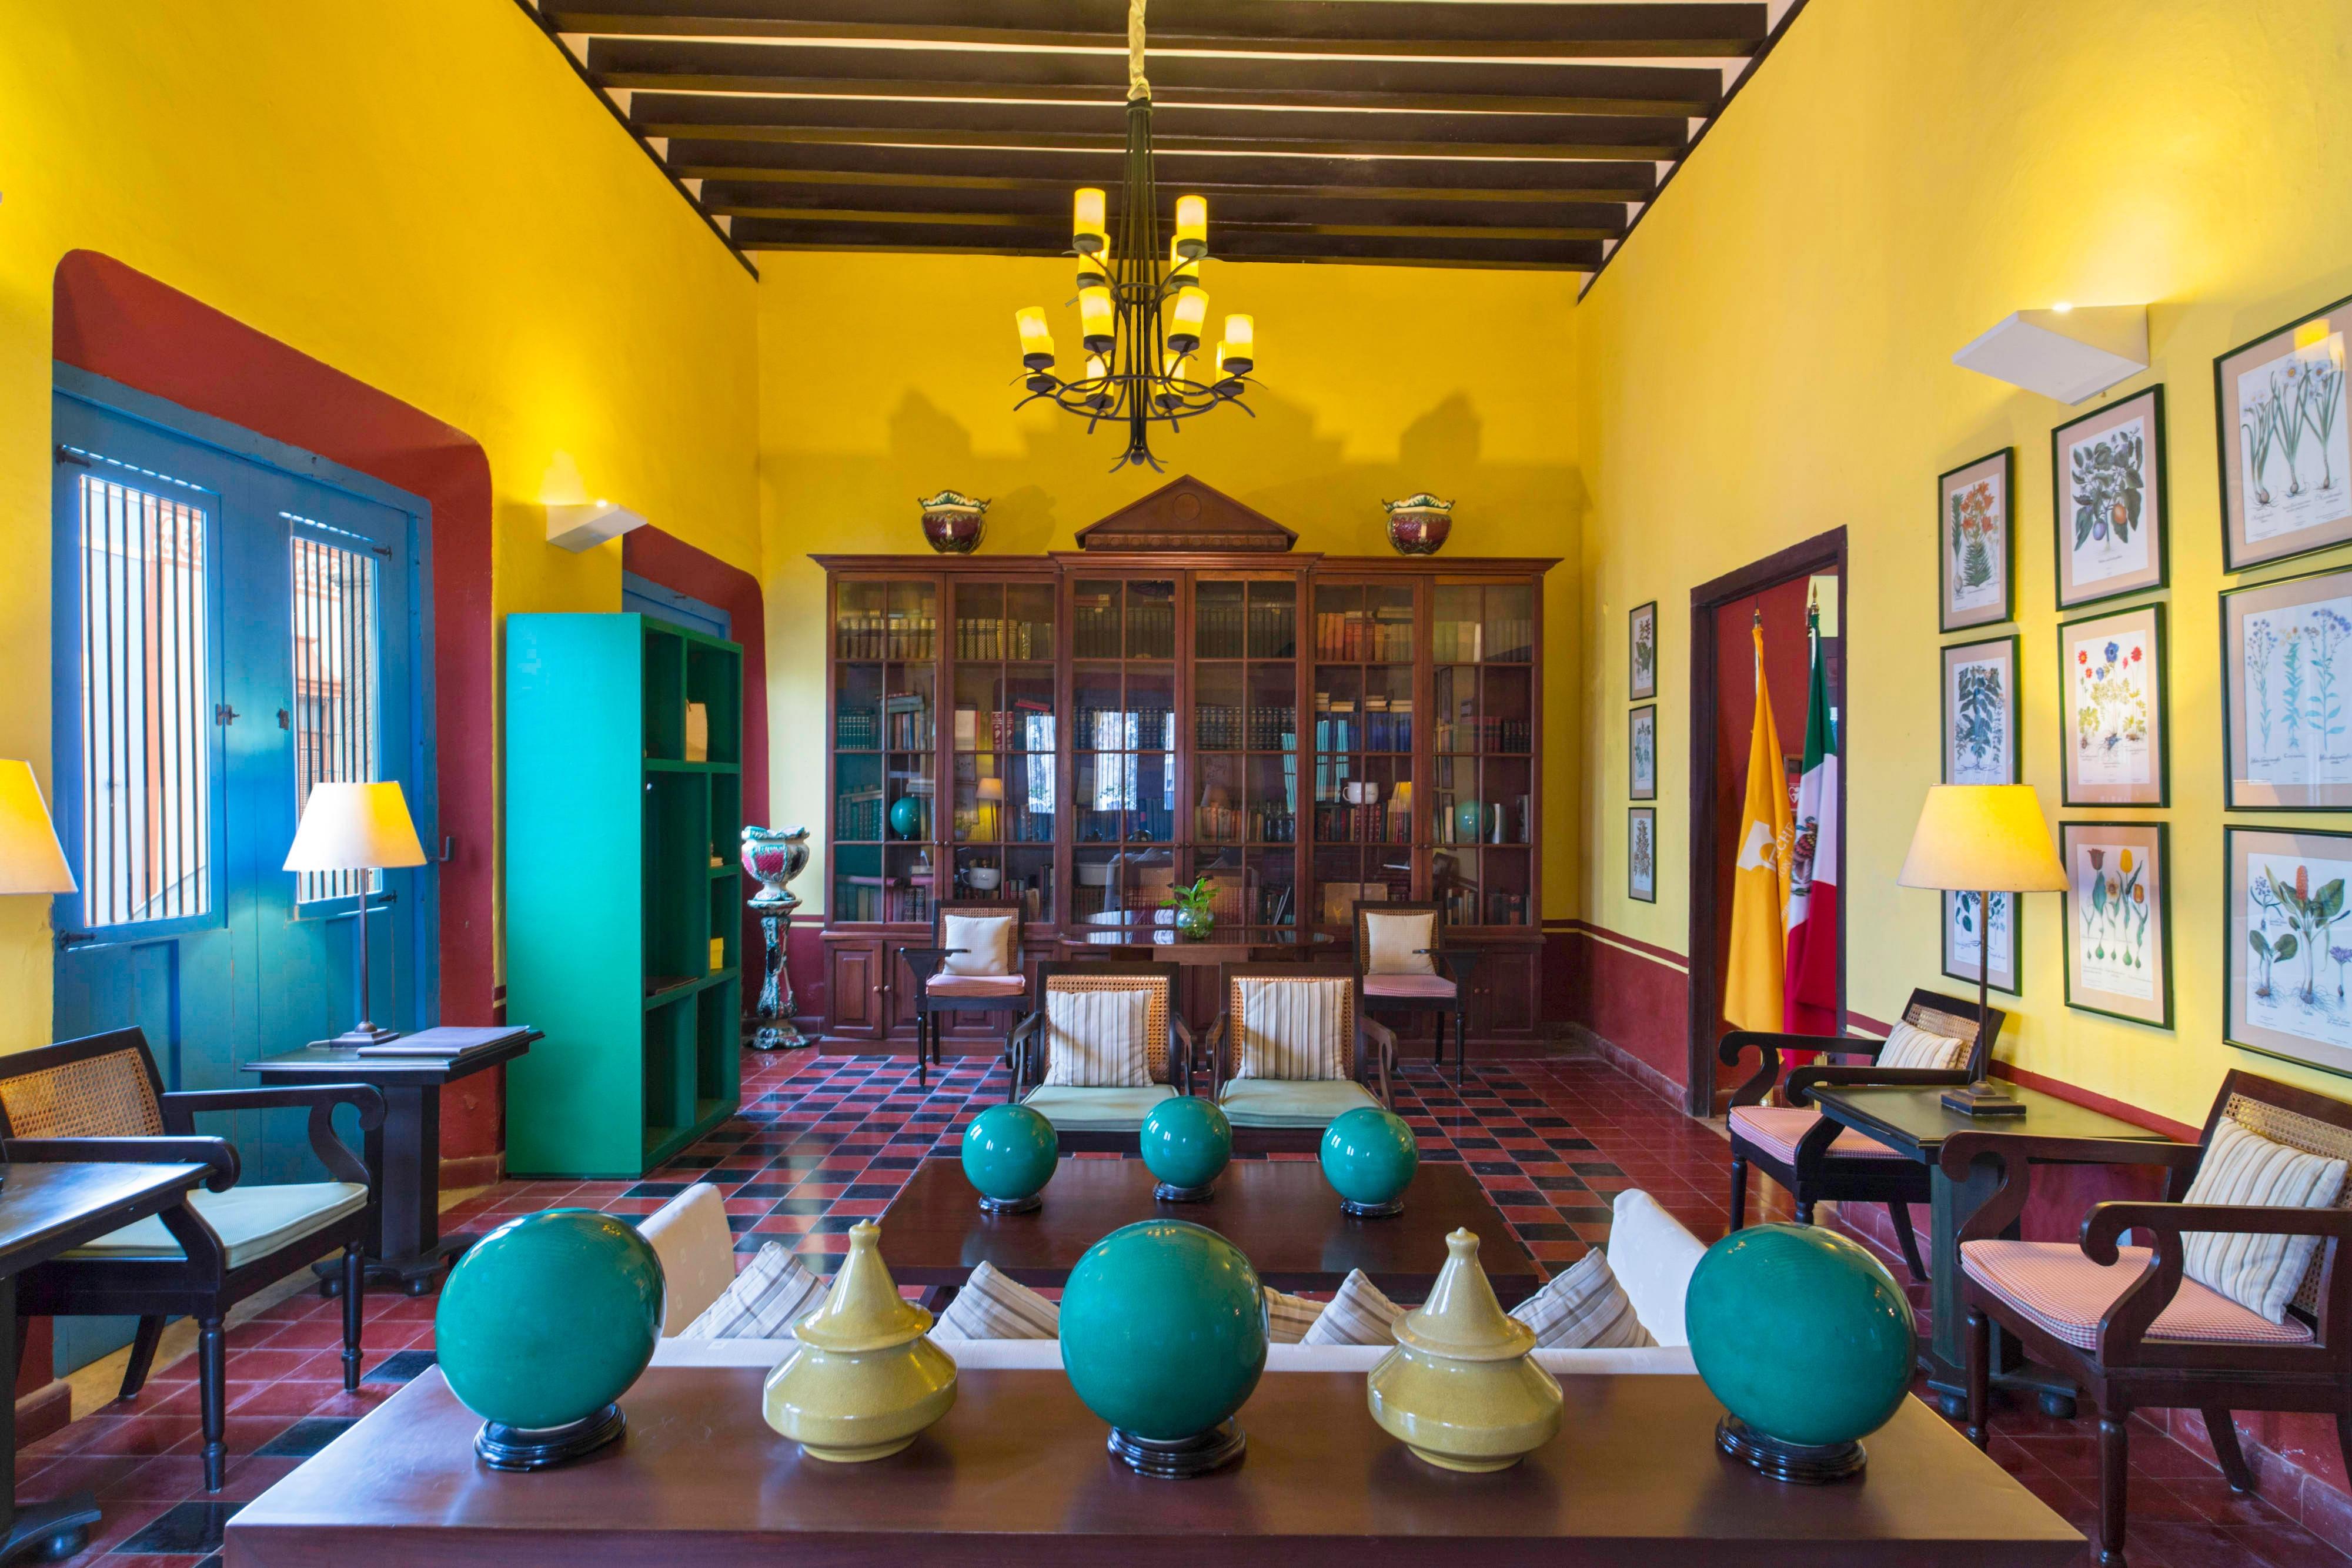 Hacienda Library